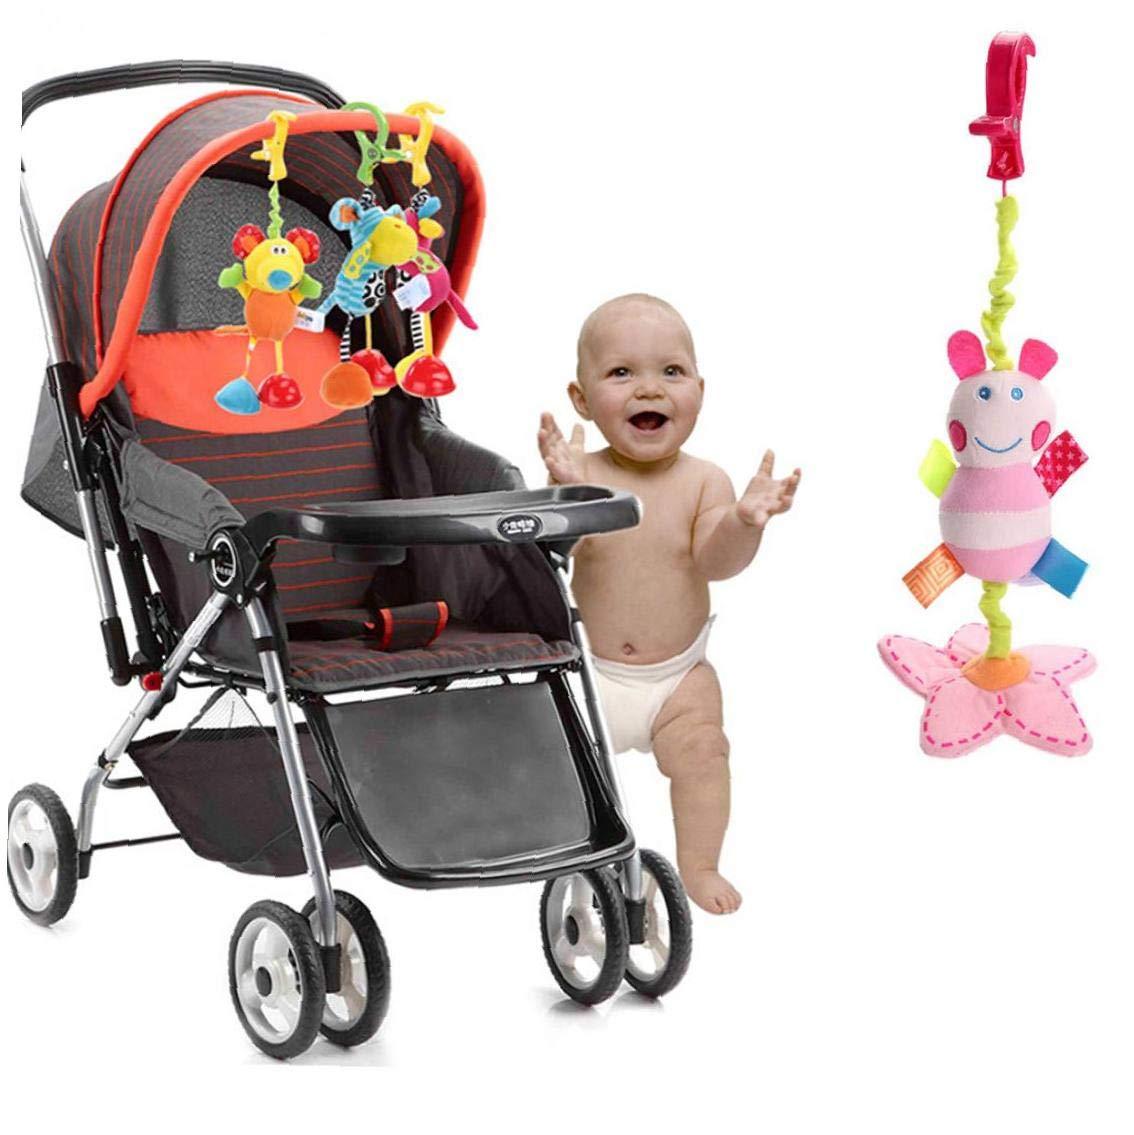 Fuerte y hermoso beb/é Carro Gentle Care para la madre y el beb/é los productos Cochecito para la cama colgante del juguete del beb/é que cuelga Tire juguete de la mariposa del traqueteo de la